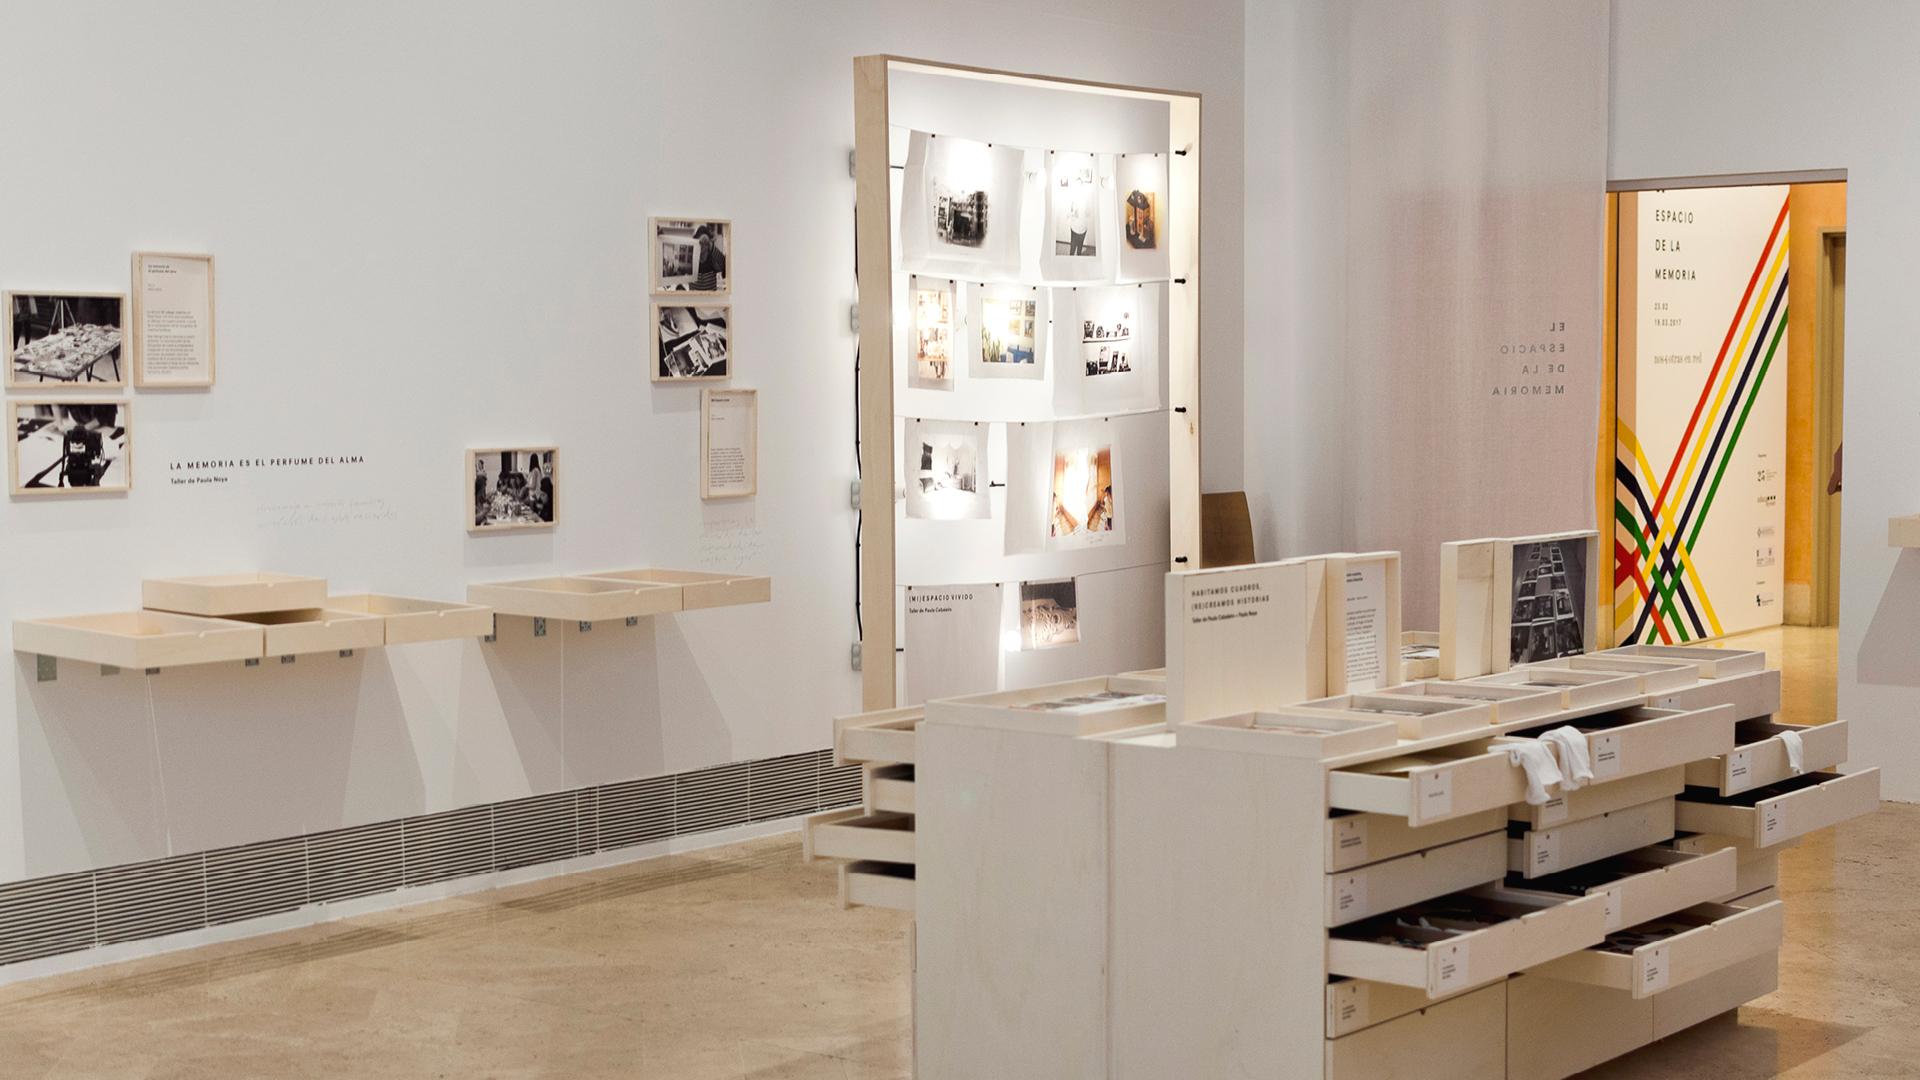 SLIDE-1920X1080-20170223-El_Espacio_de_la_memoria-Museo_Thyssen-MonicaMura©17